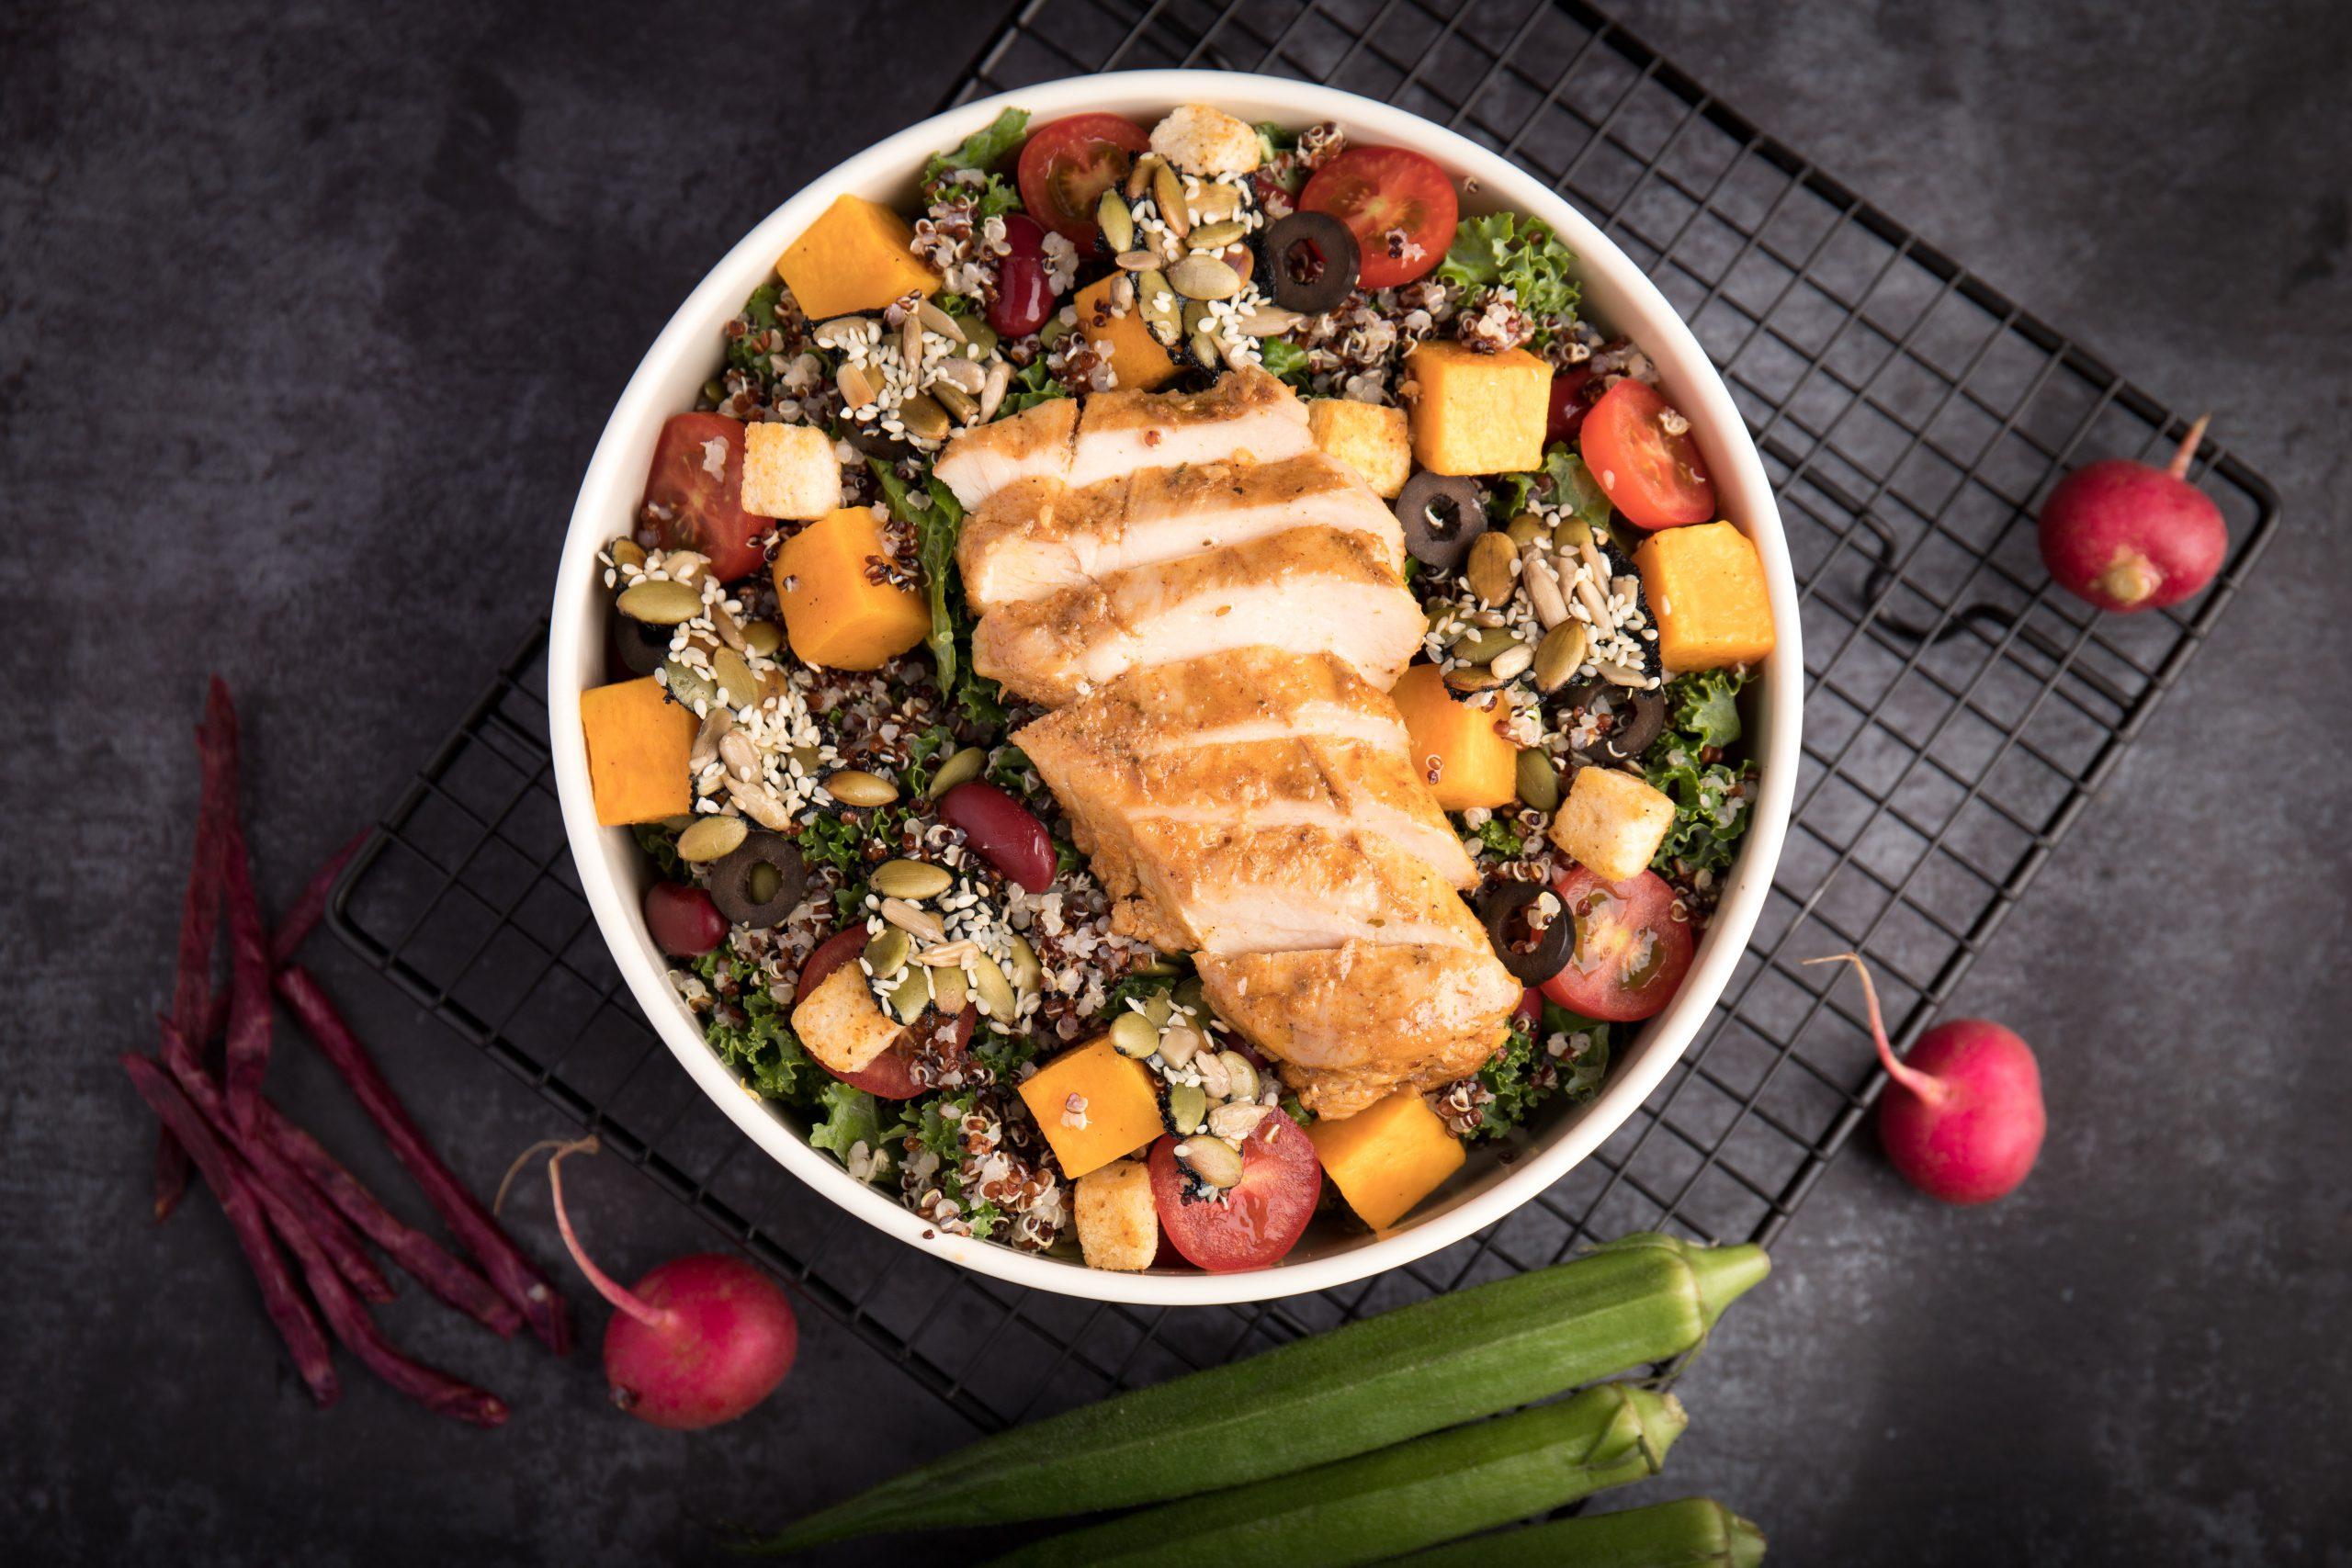 Peluang Usaha Makanan Sehat Kekinian Blog Pinjam Modal Pinjaman Modal Untuk Usaha Dan Umkm